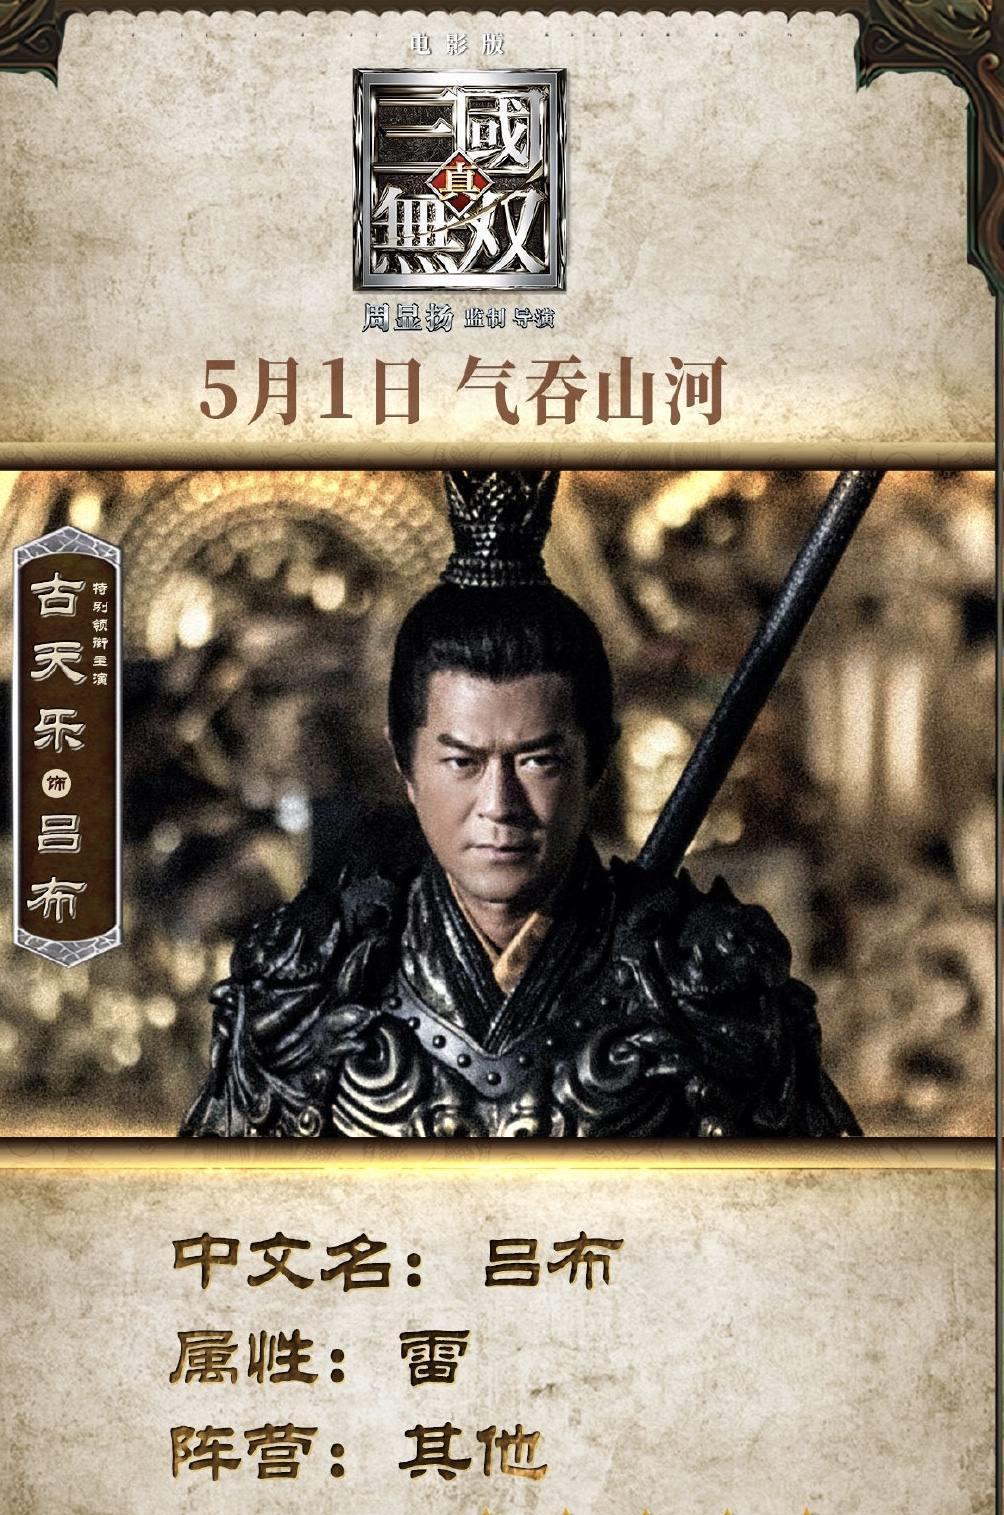 古天乐新片定档,TVB视帝黎耀祥声音助阵